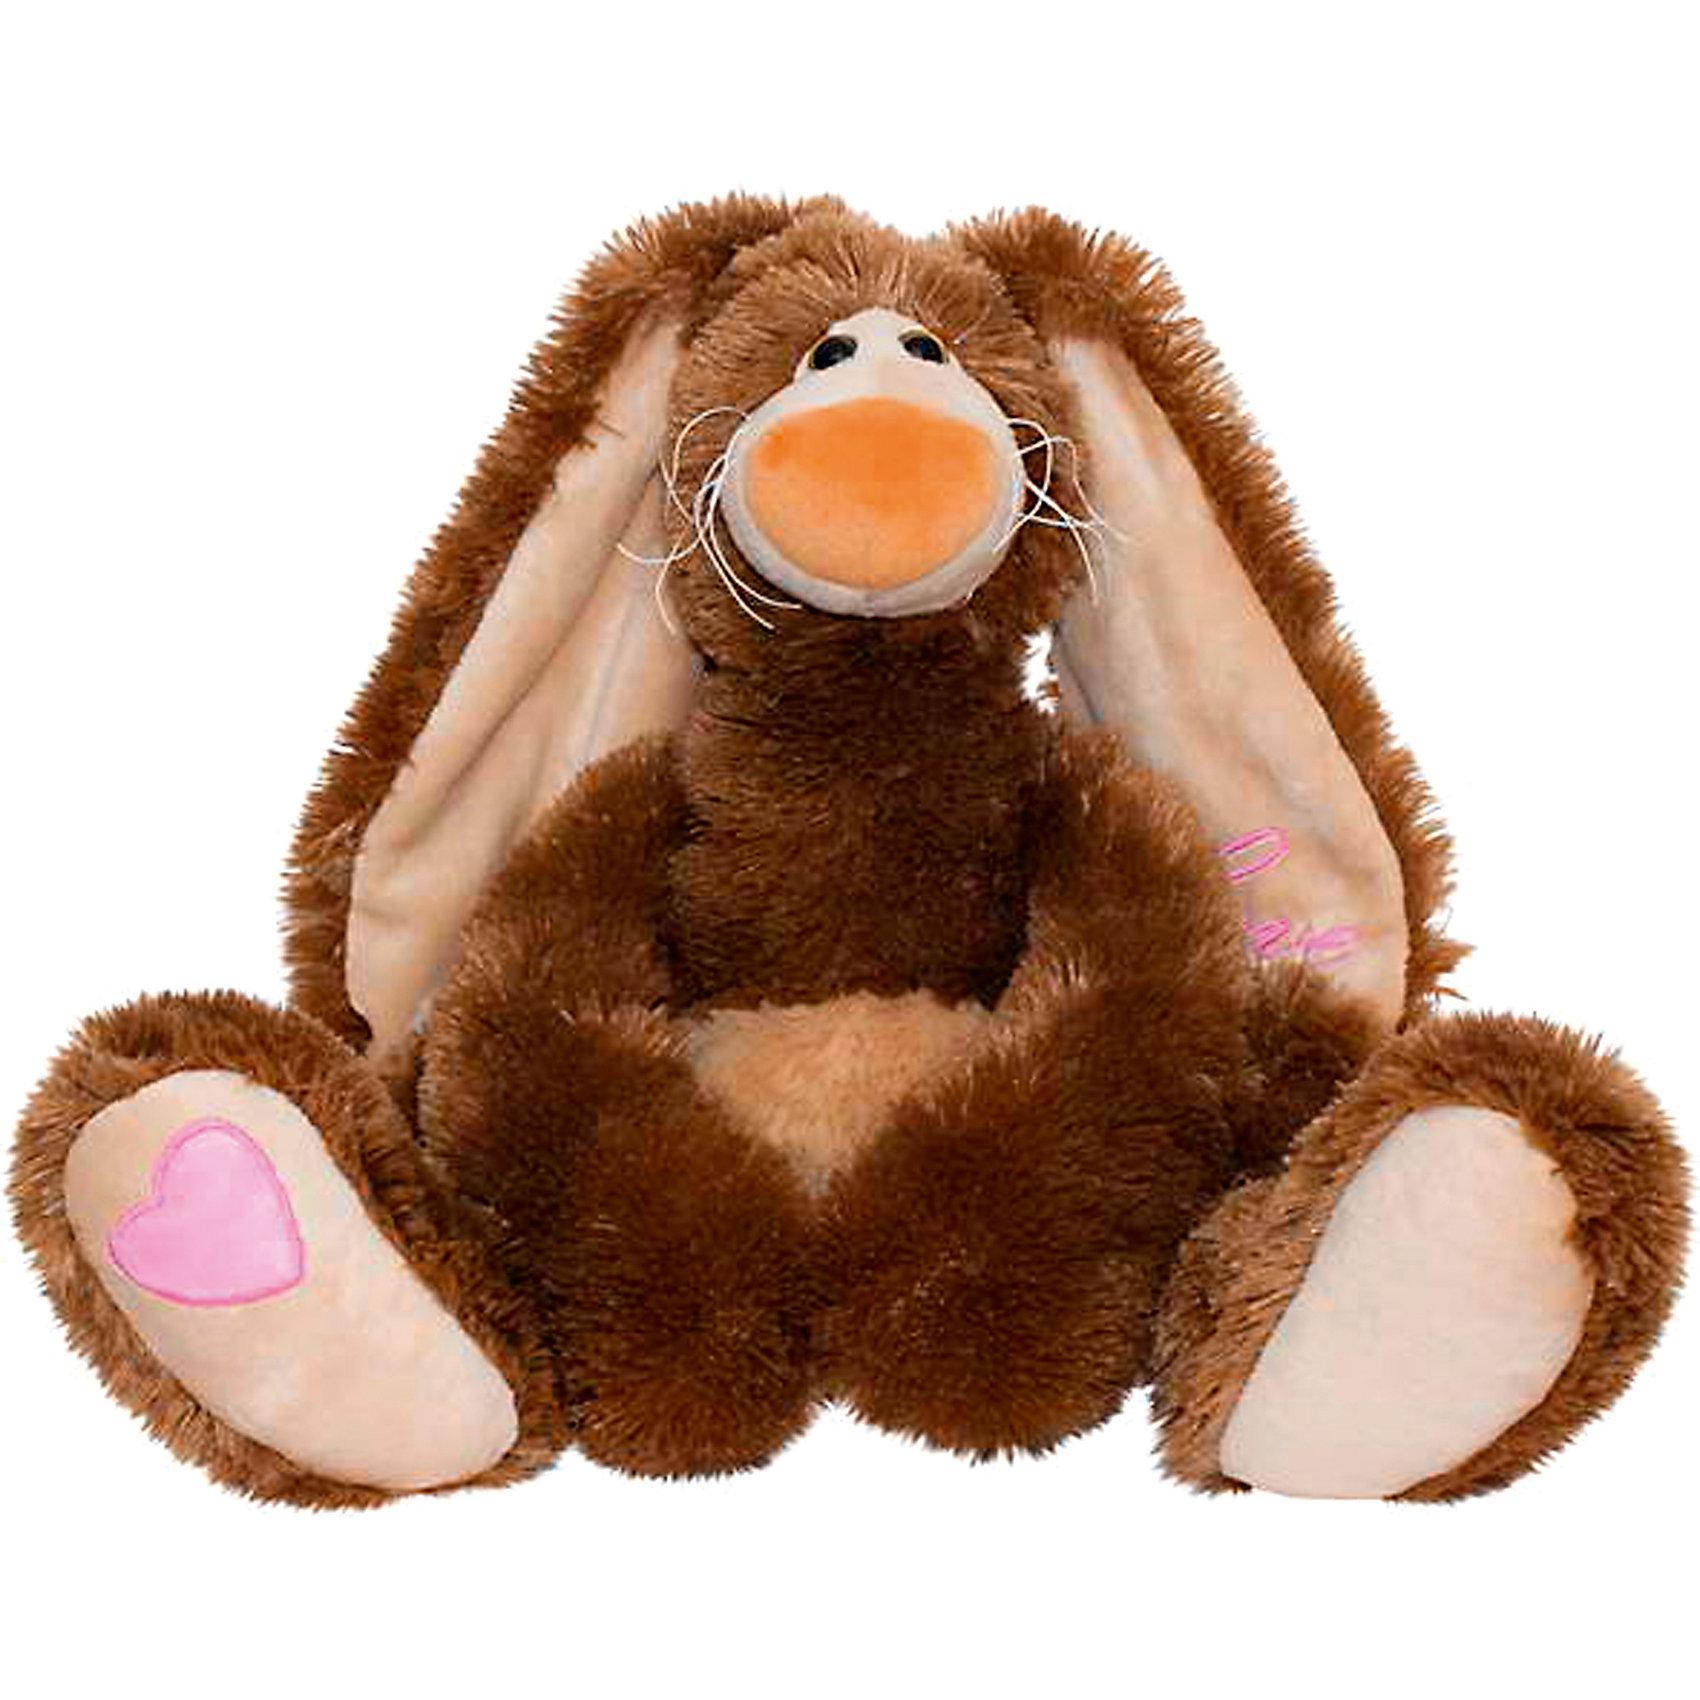 Fancy Мягкая игрушка Зайчик Счастливчик, Fancy fancy мягкая игрушка собака эля 14 5 см